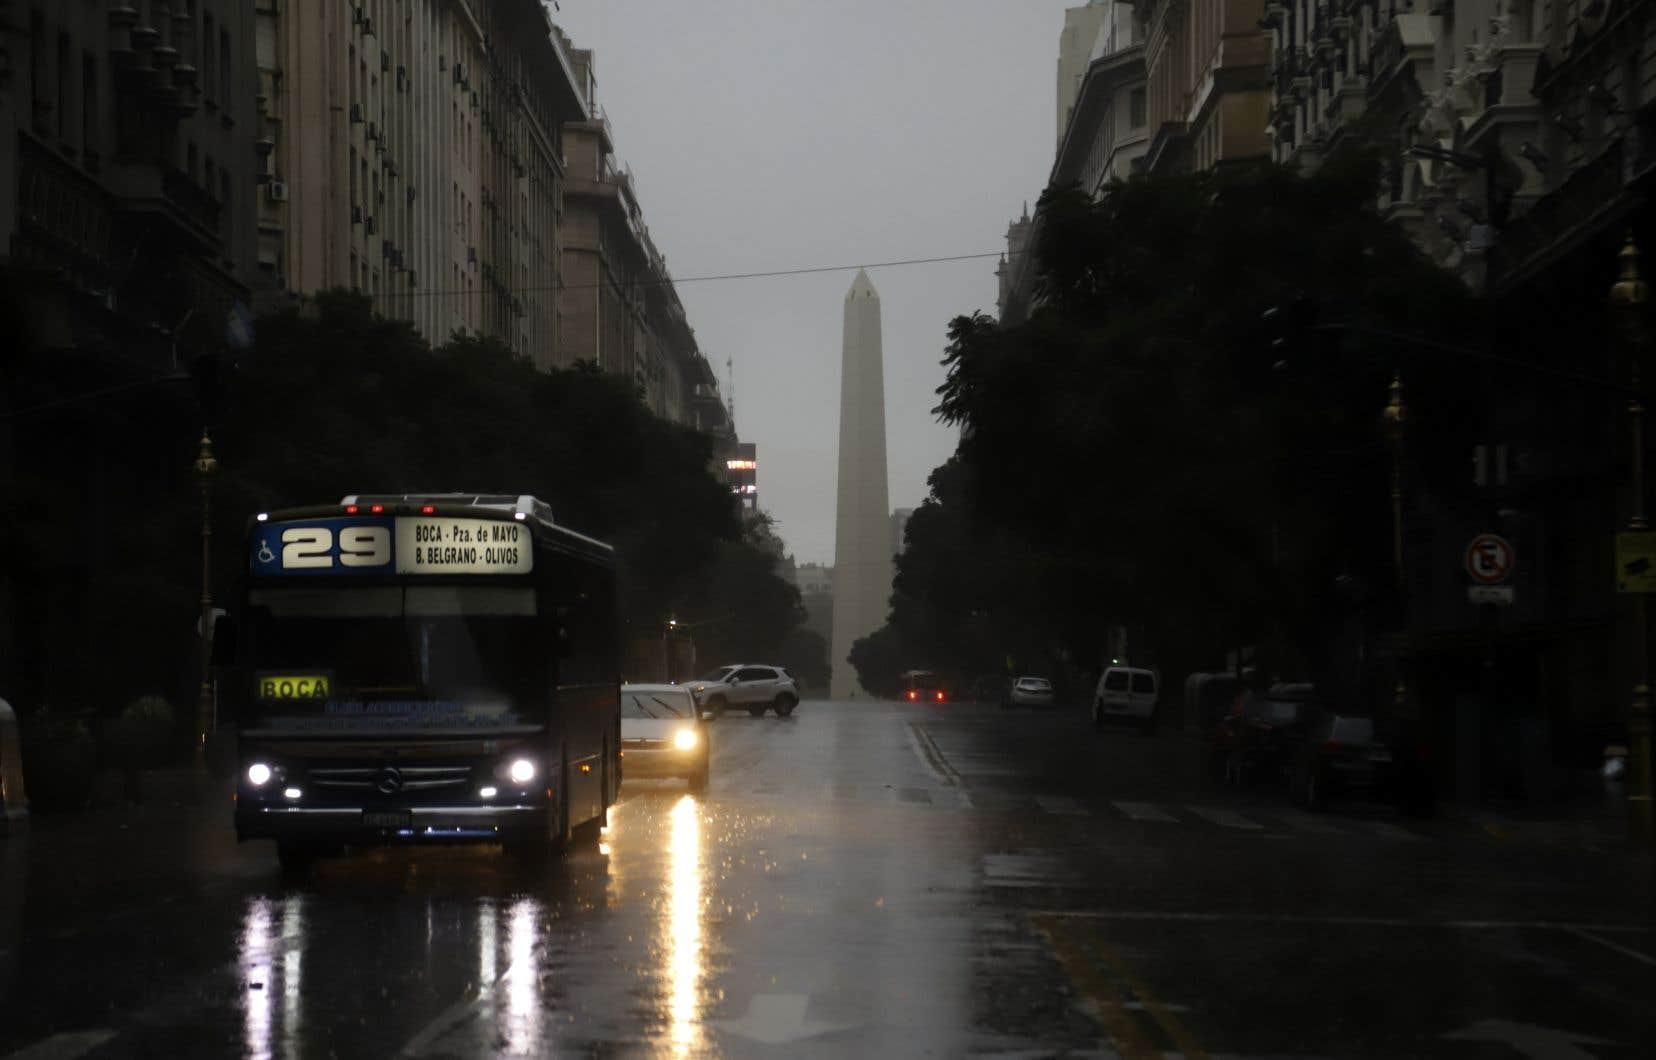 C'est la première fois que l'Argentine est privée d'électricité par une panne sur le réseau électrique.